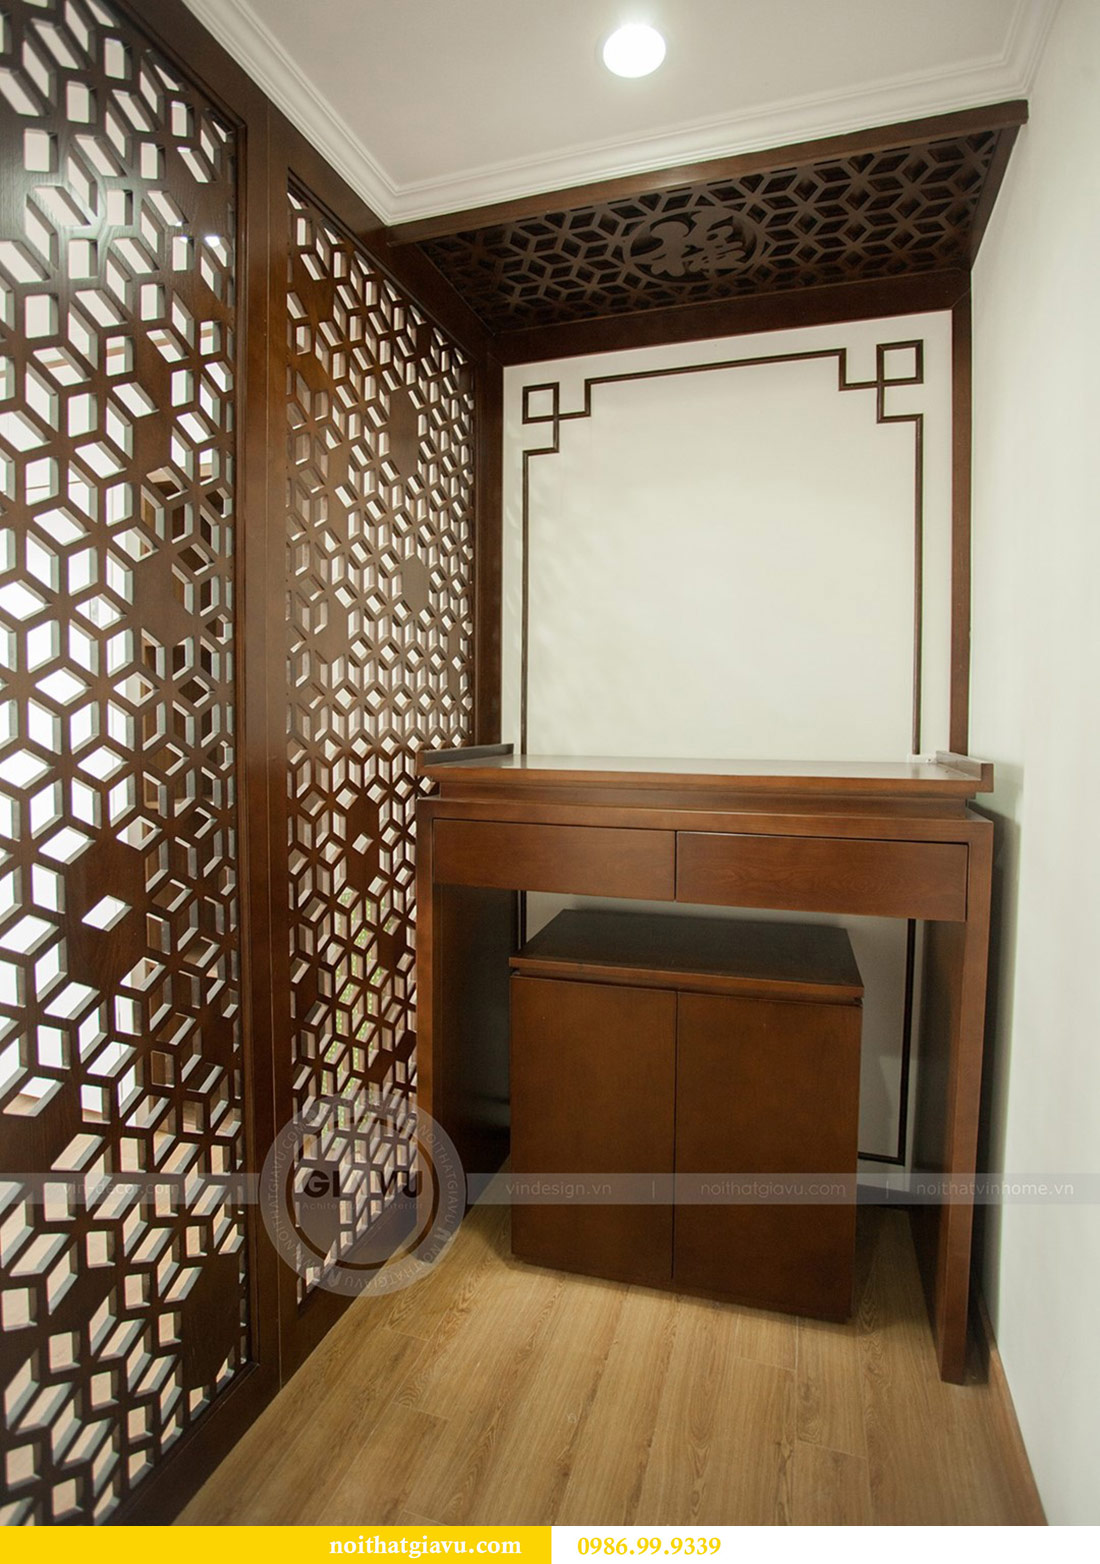 Hoàn thiện nội thất chung cư Seasons Avenue tòa S3 căn 01 - anh Bách 14